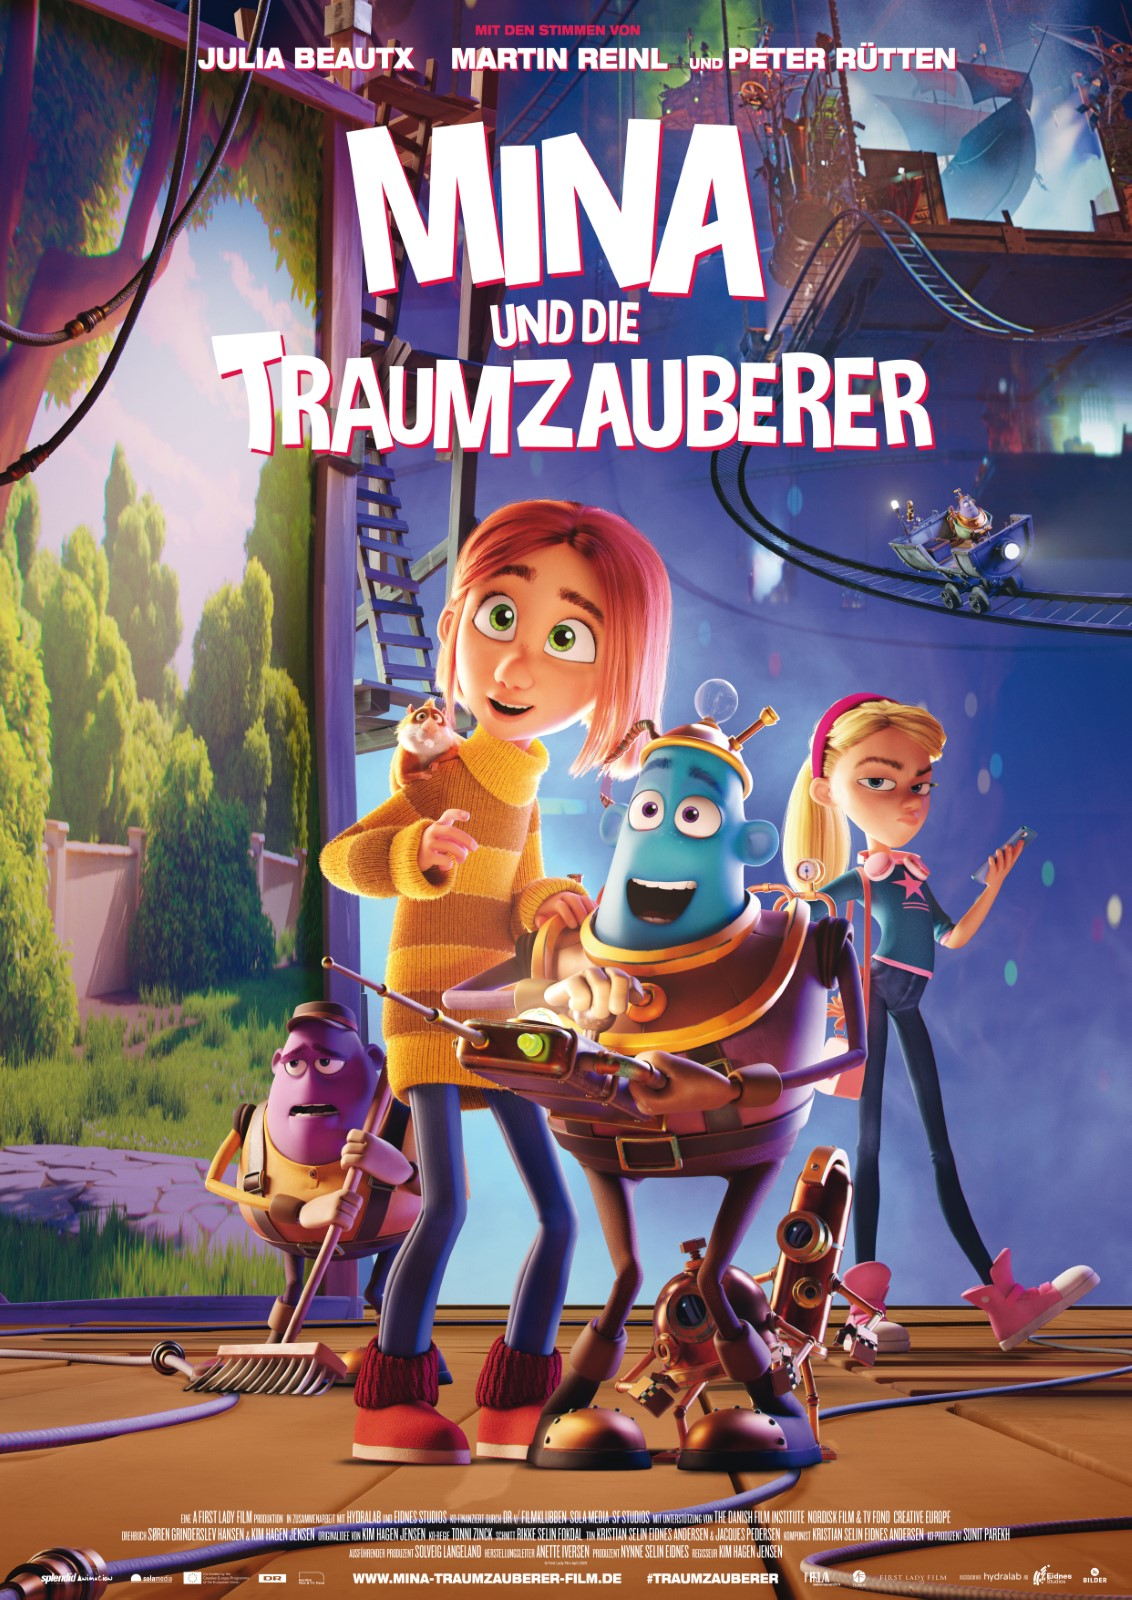 Bild von Mina und die Traumzauberer - Bild 12 auf 22 - FILMSTARTS.de